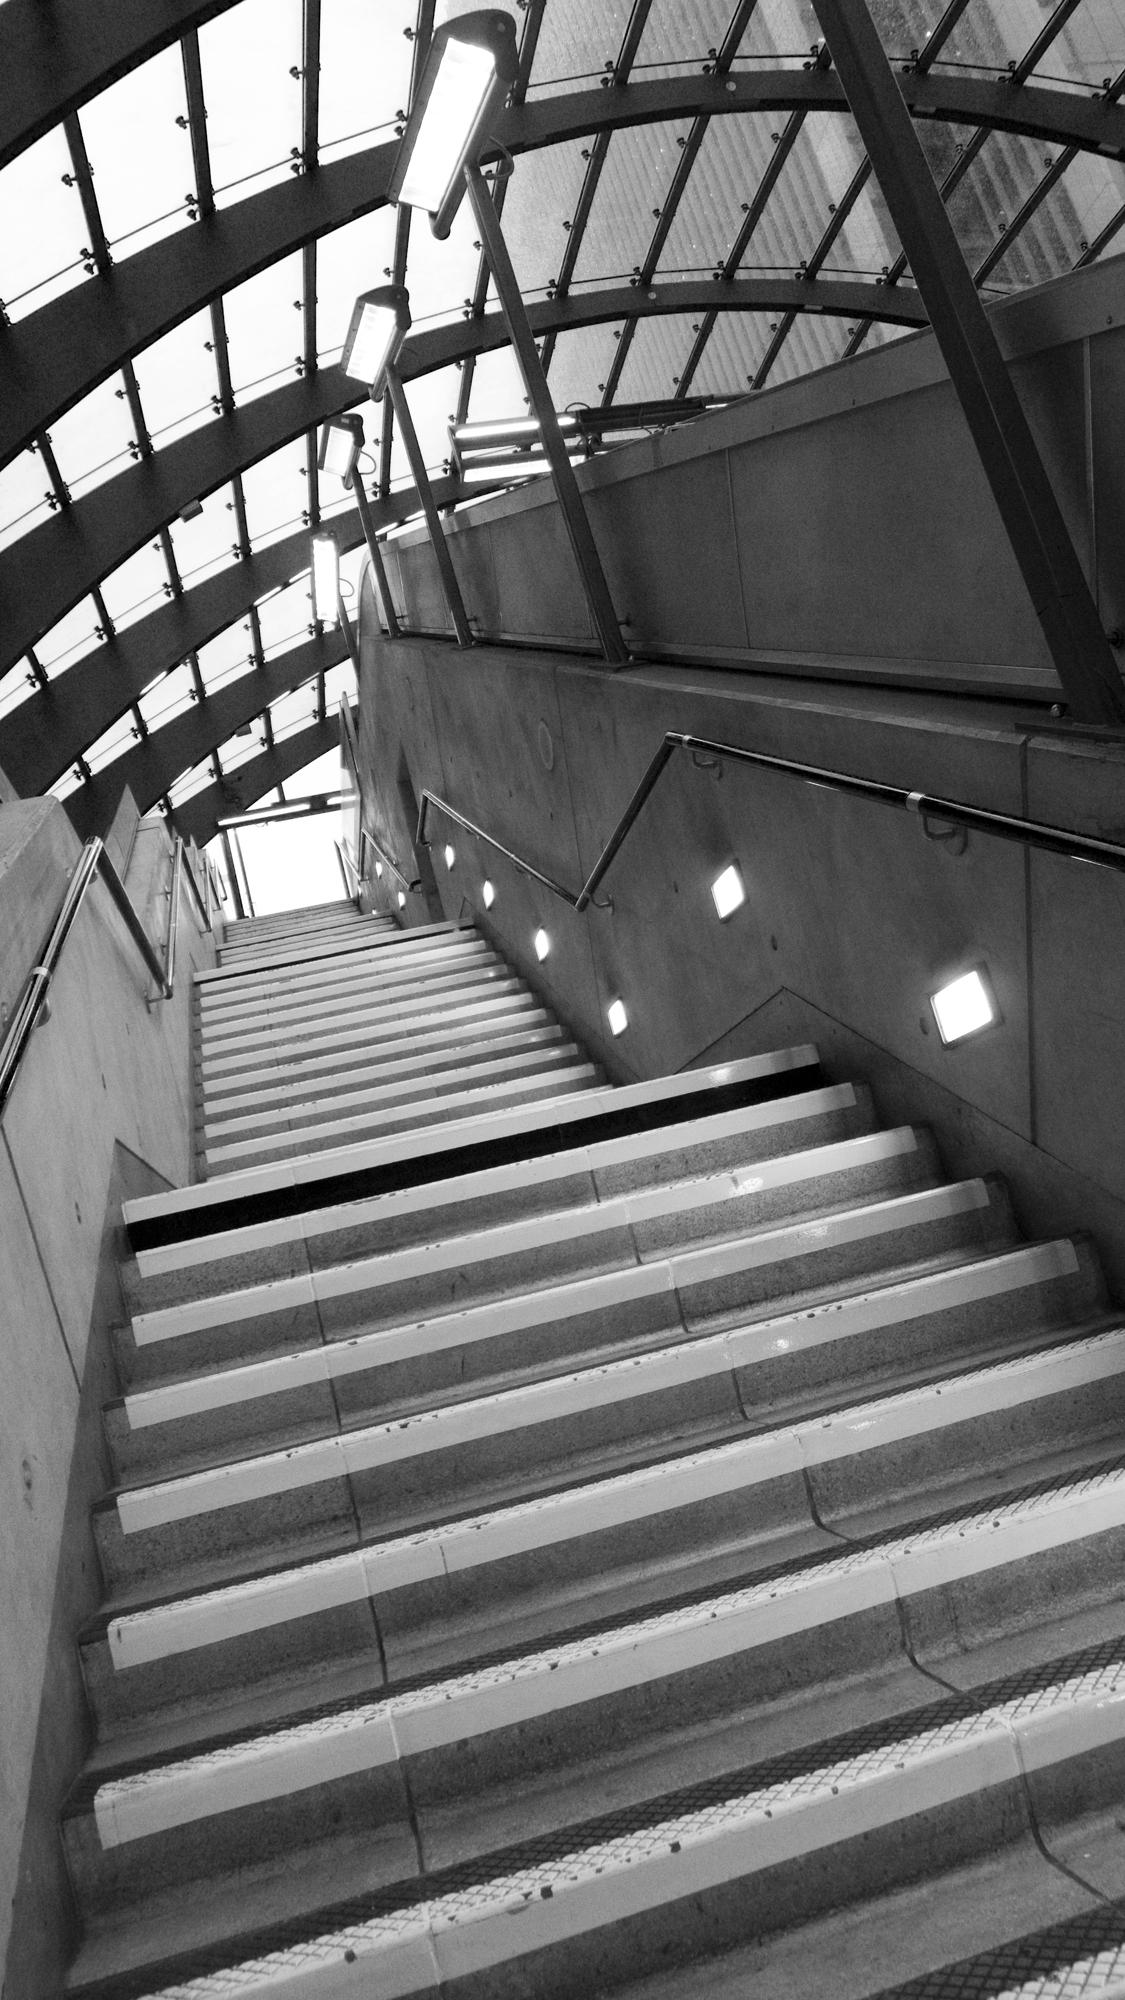 cw_tubestation_steps2.jpg